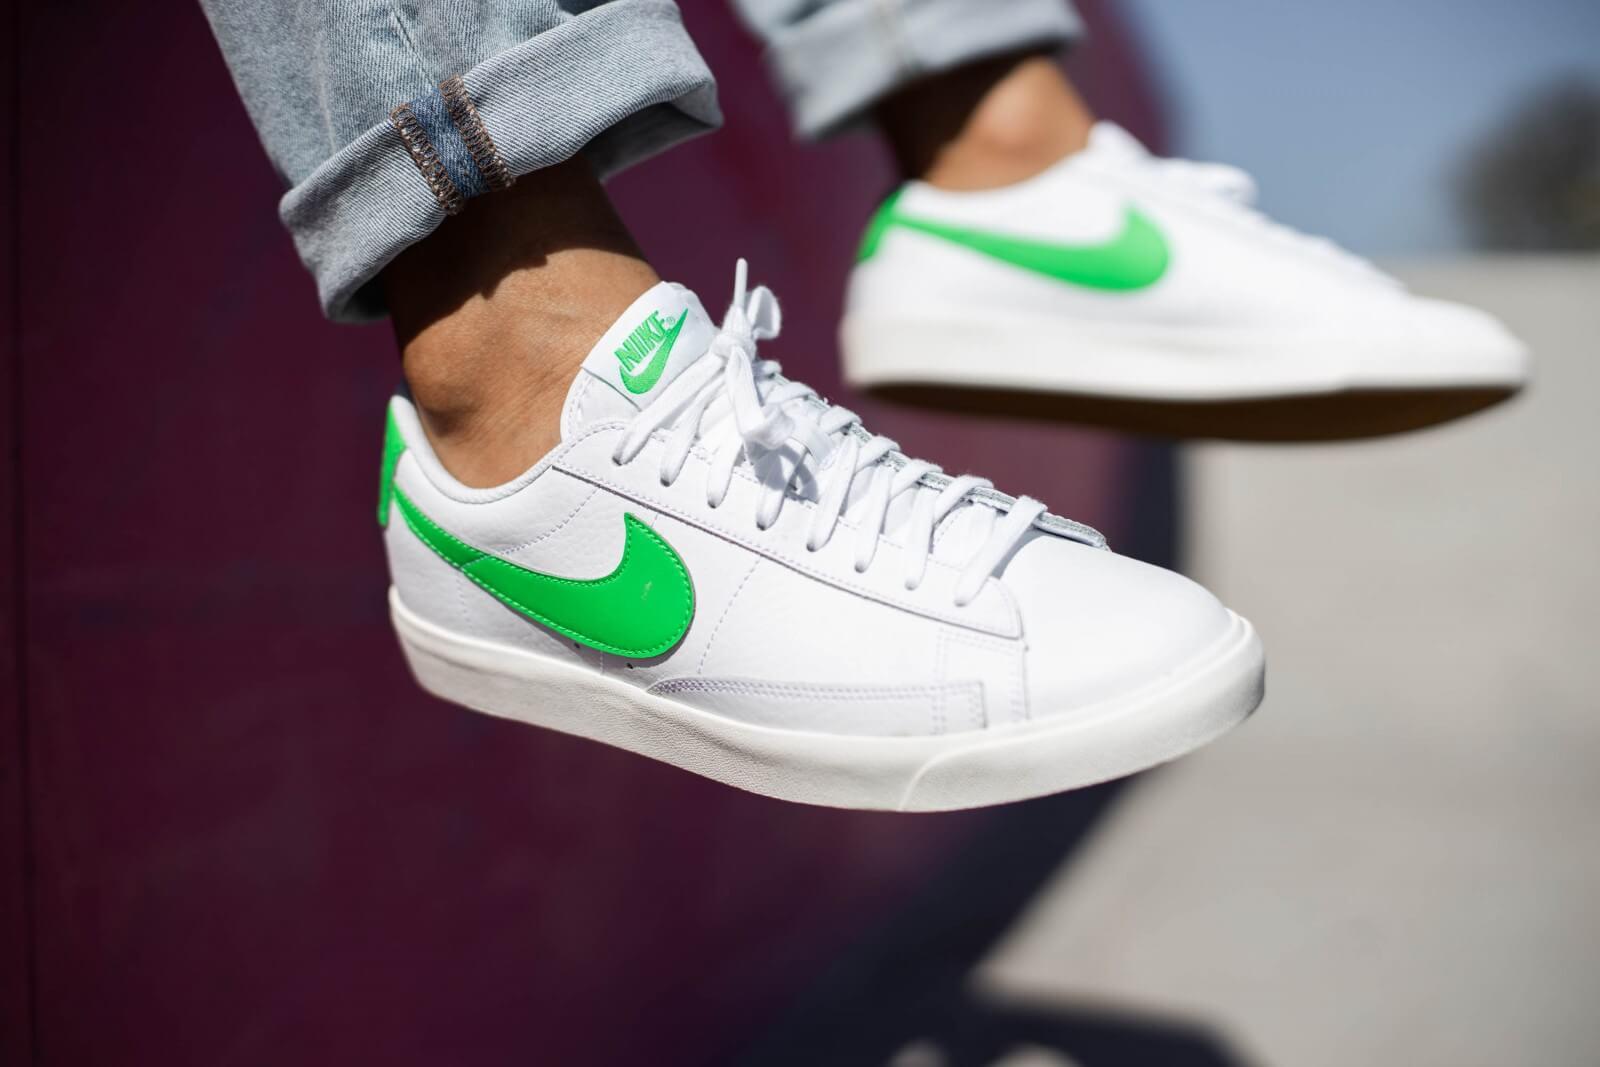 Nike Blazer Low Leather White/Green Spark-Sail